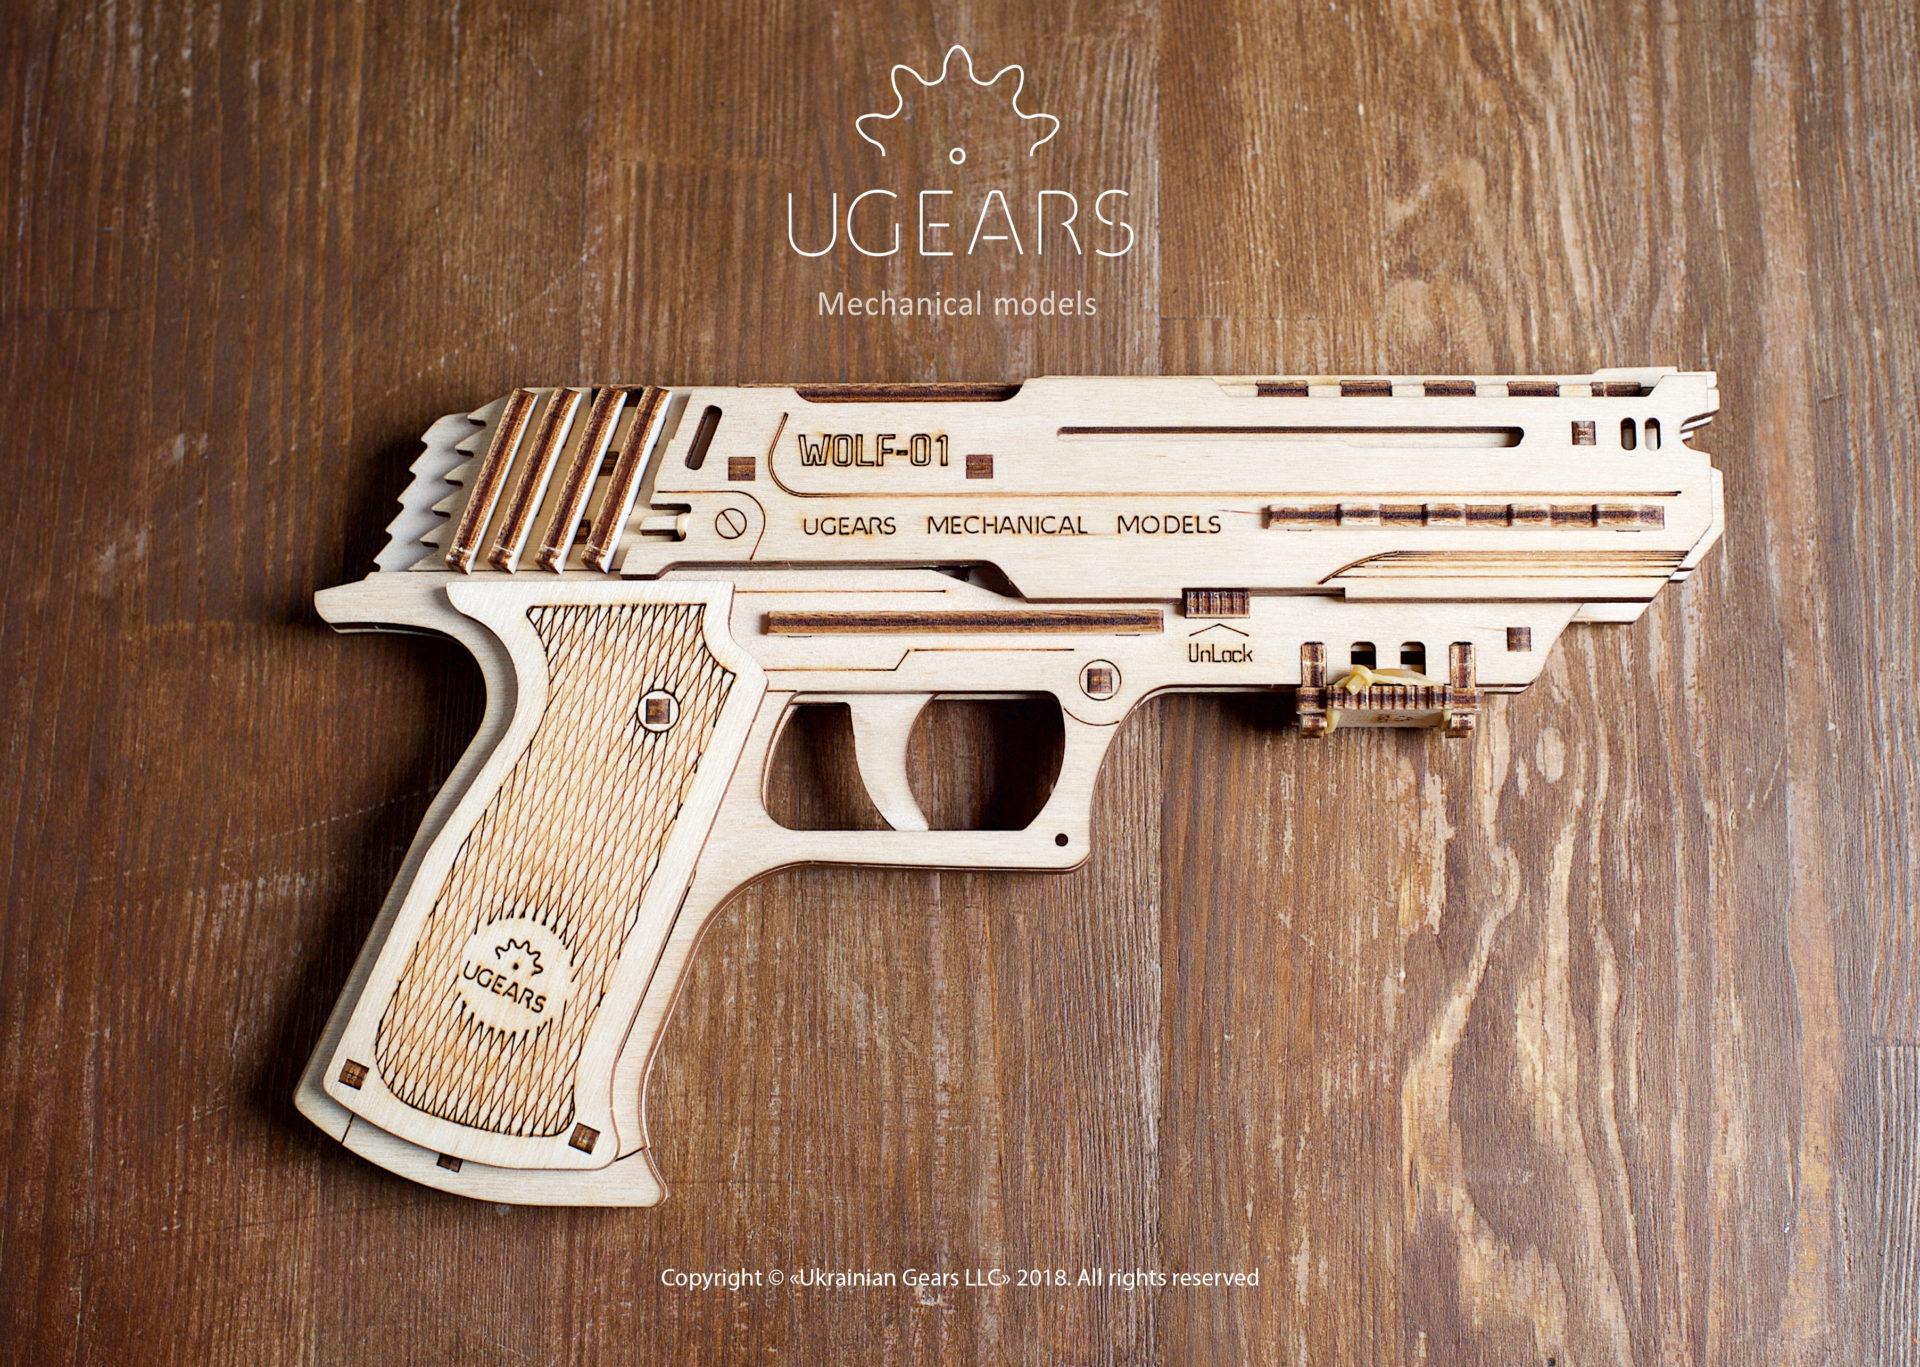 Wolf-01 drevená ručná zbraň